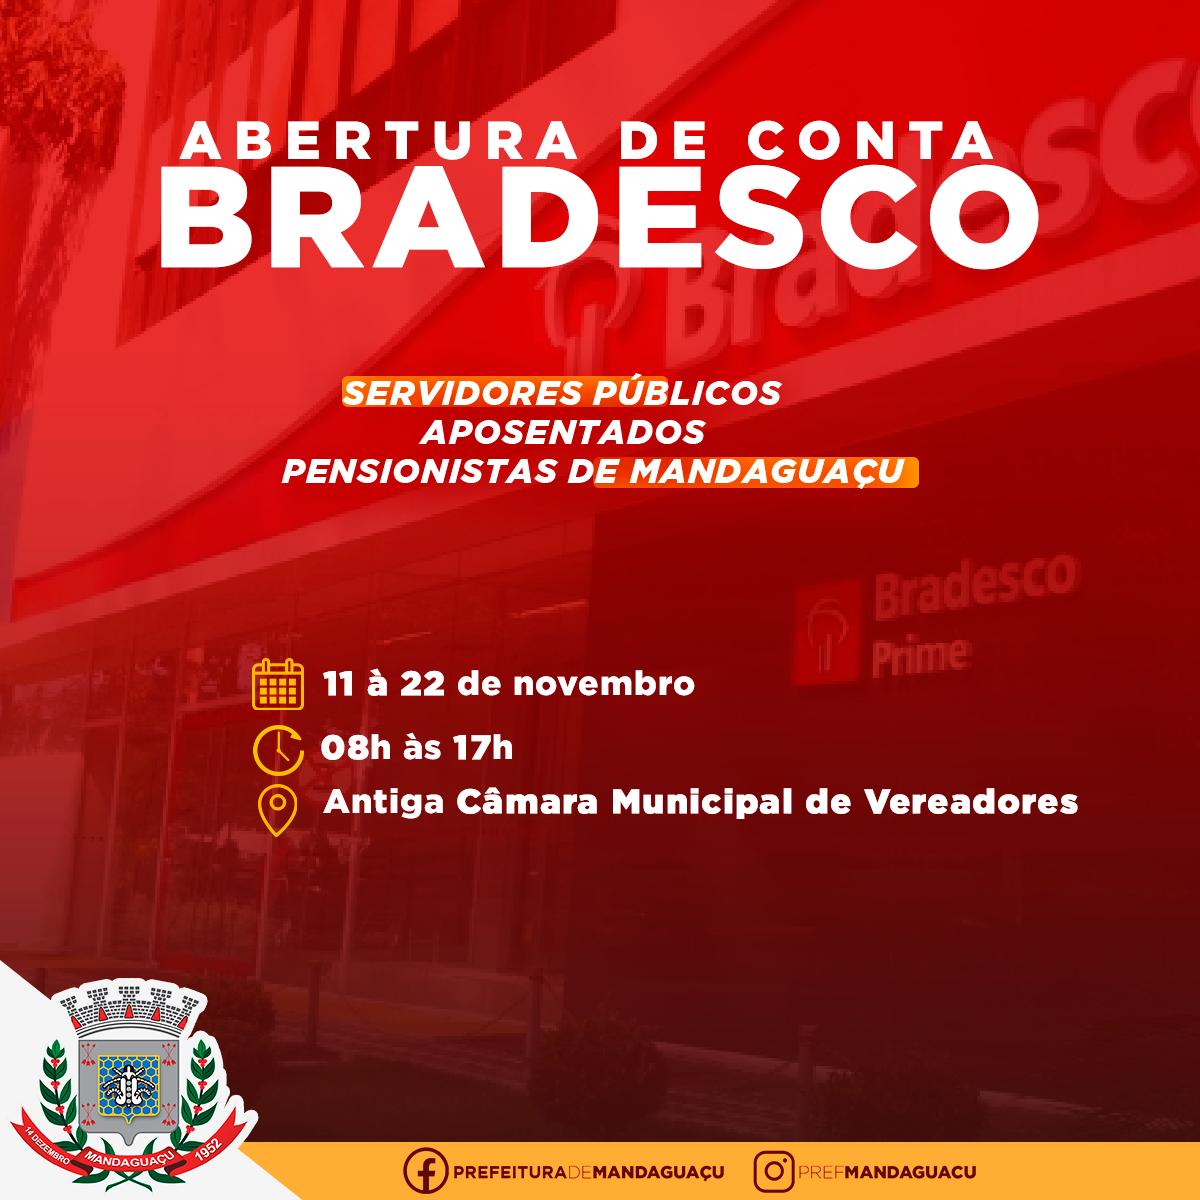 Atenção servidores públicos, aposentados e pensionistas de Mandaguaçu!